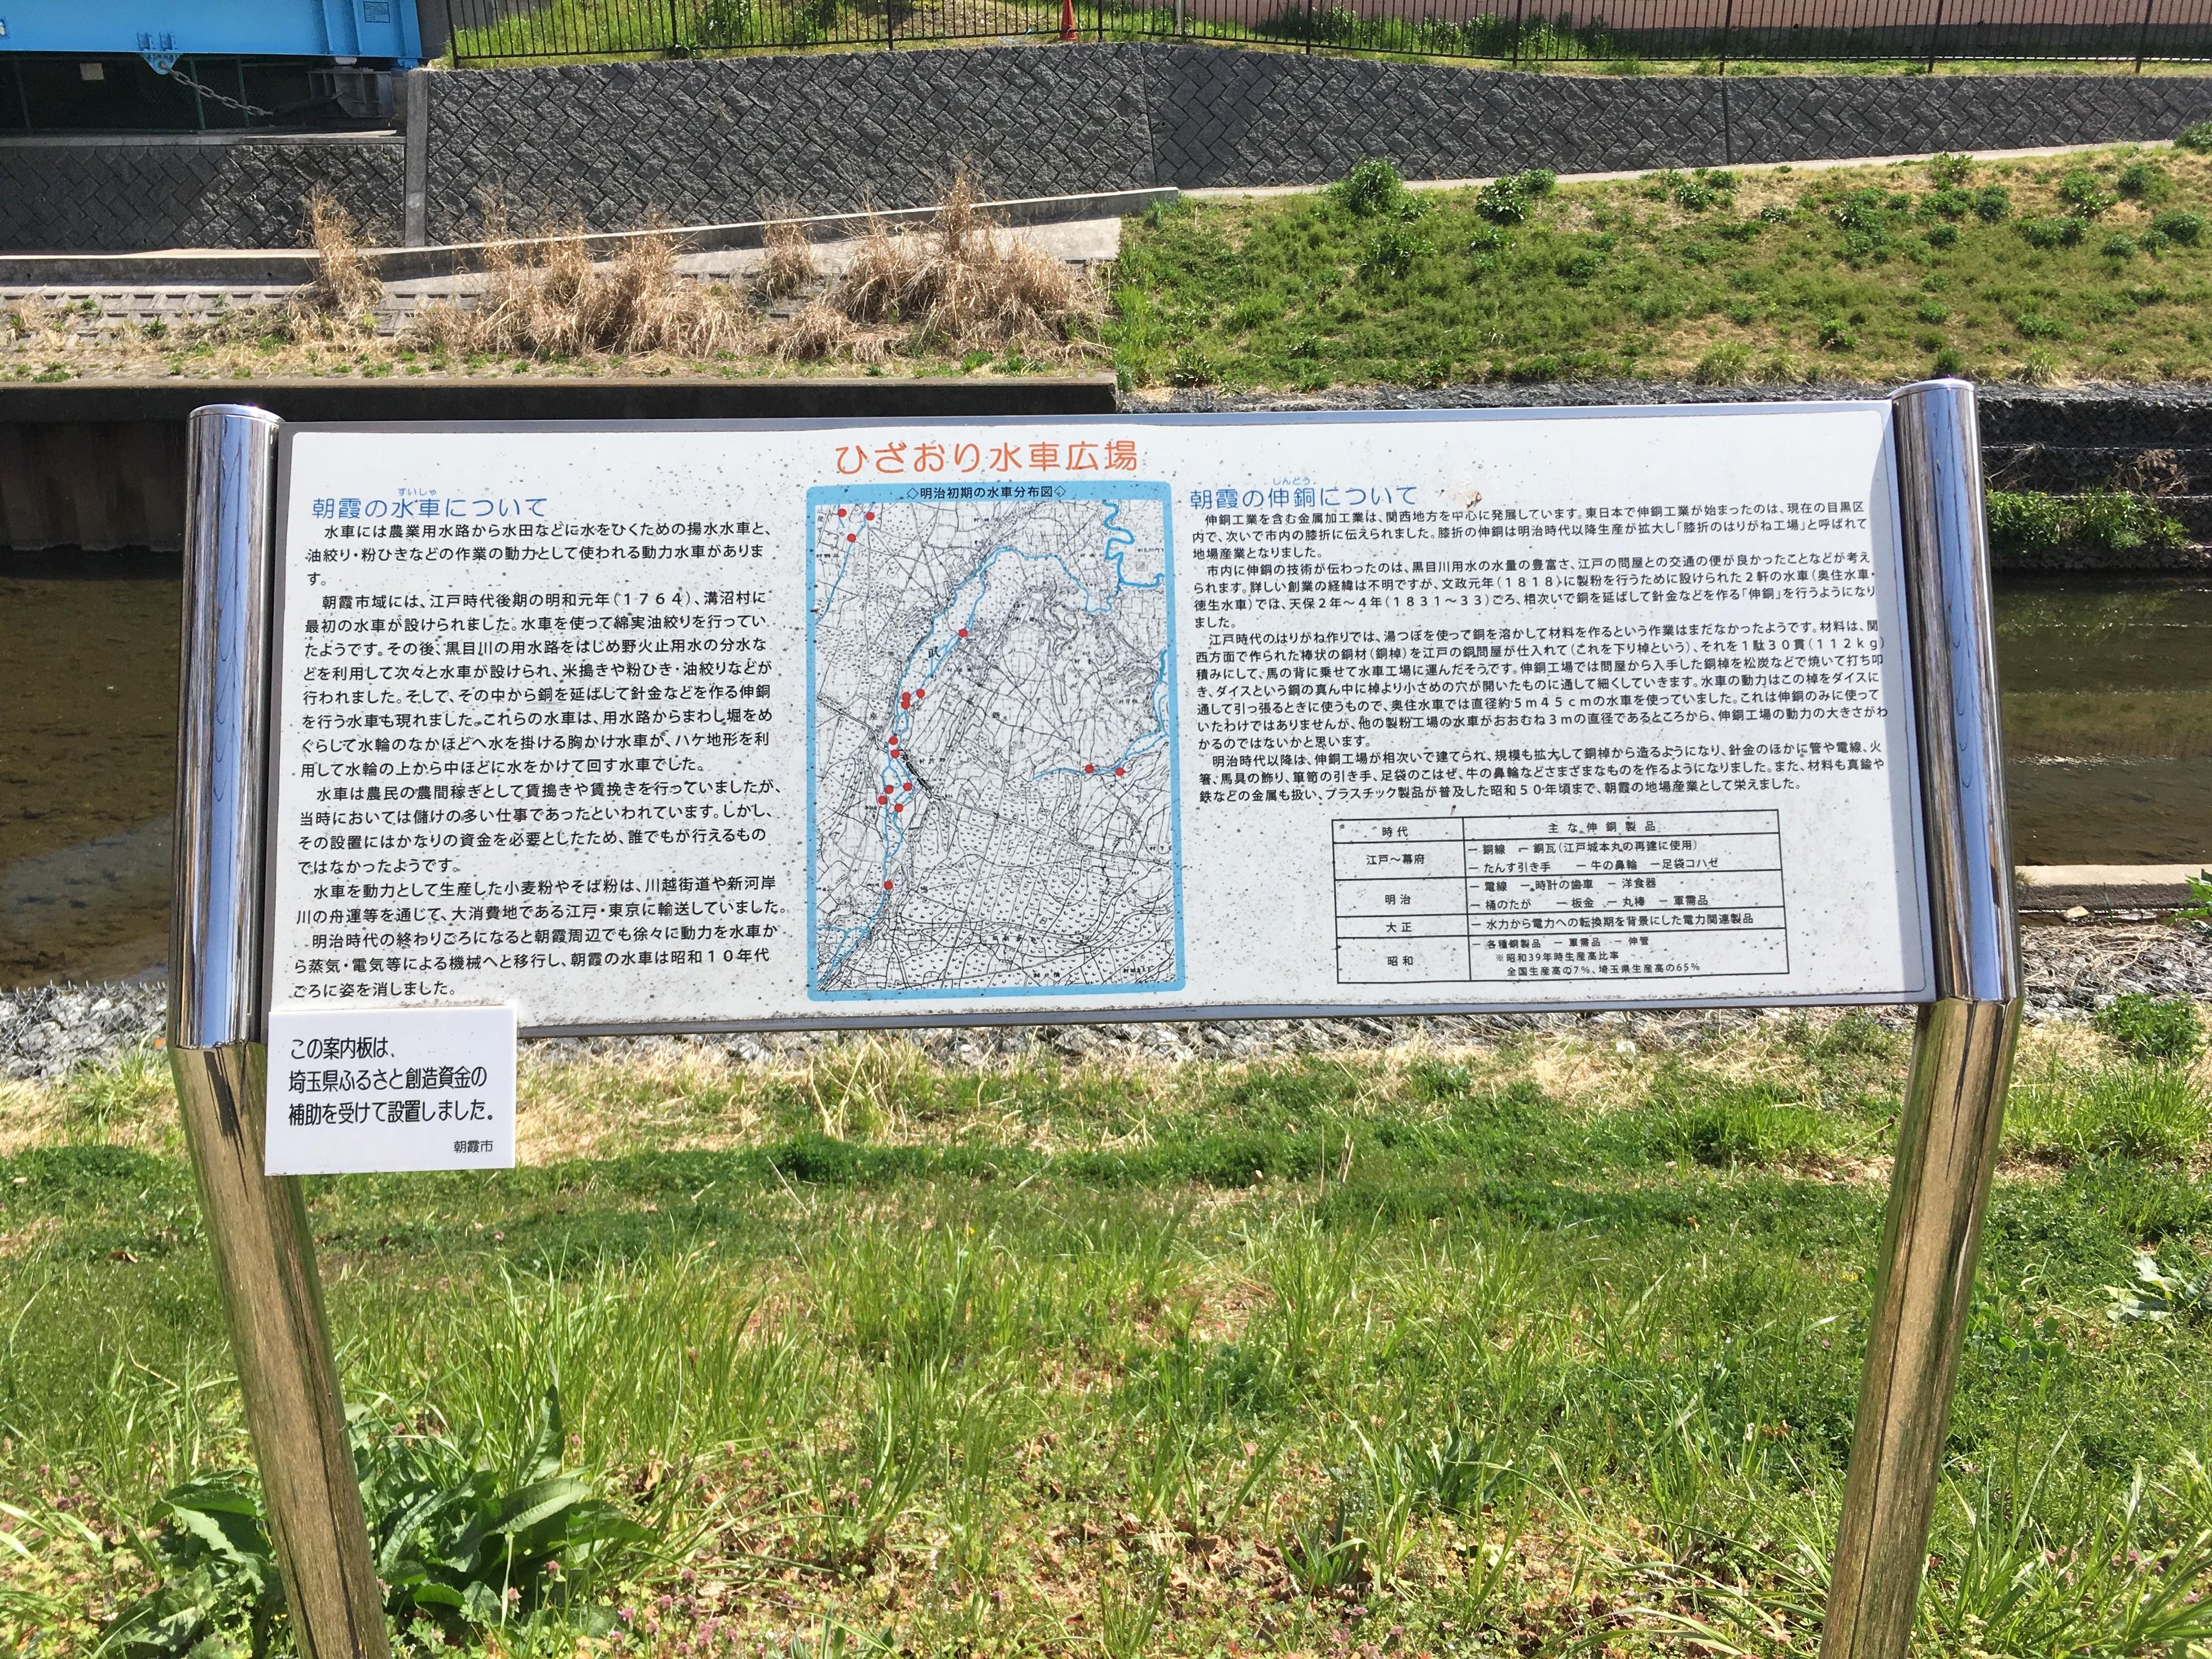 黒目川遊歩道のひざおり水車広場